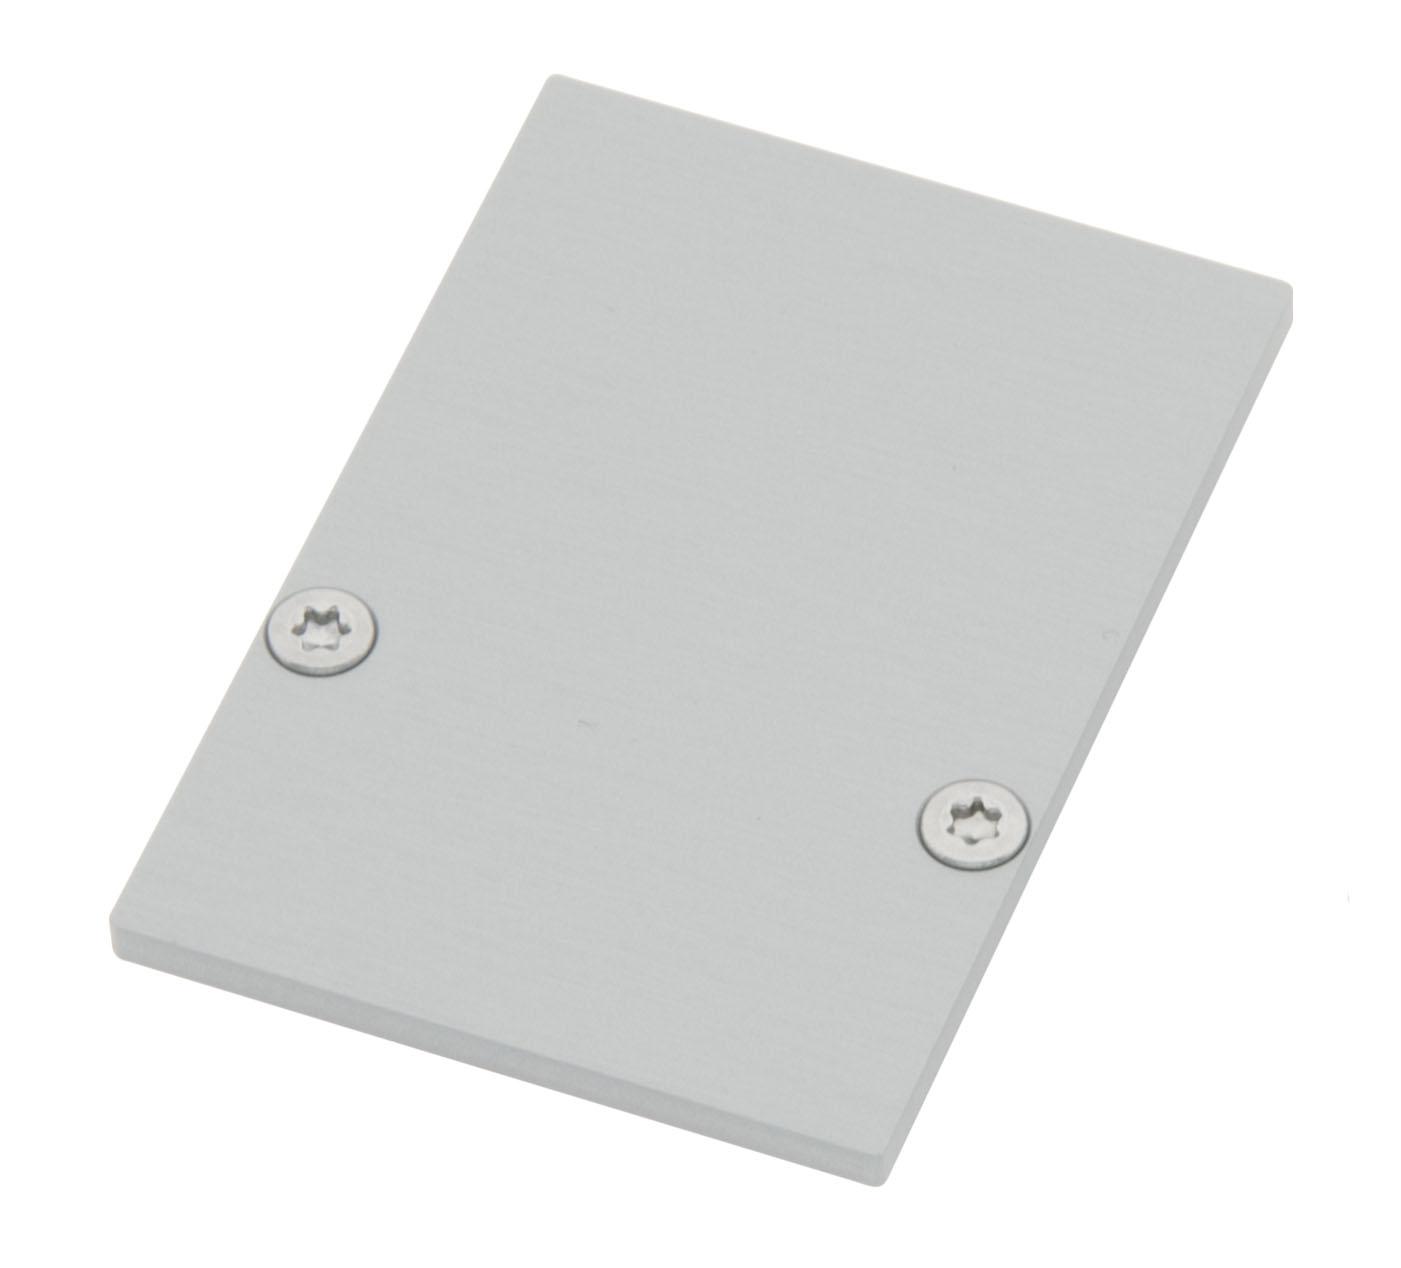 1 Stk Profil Endkappe CLR Eckig geschlossen inkl. Schrauben LIEK006220